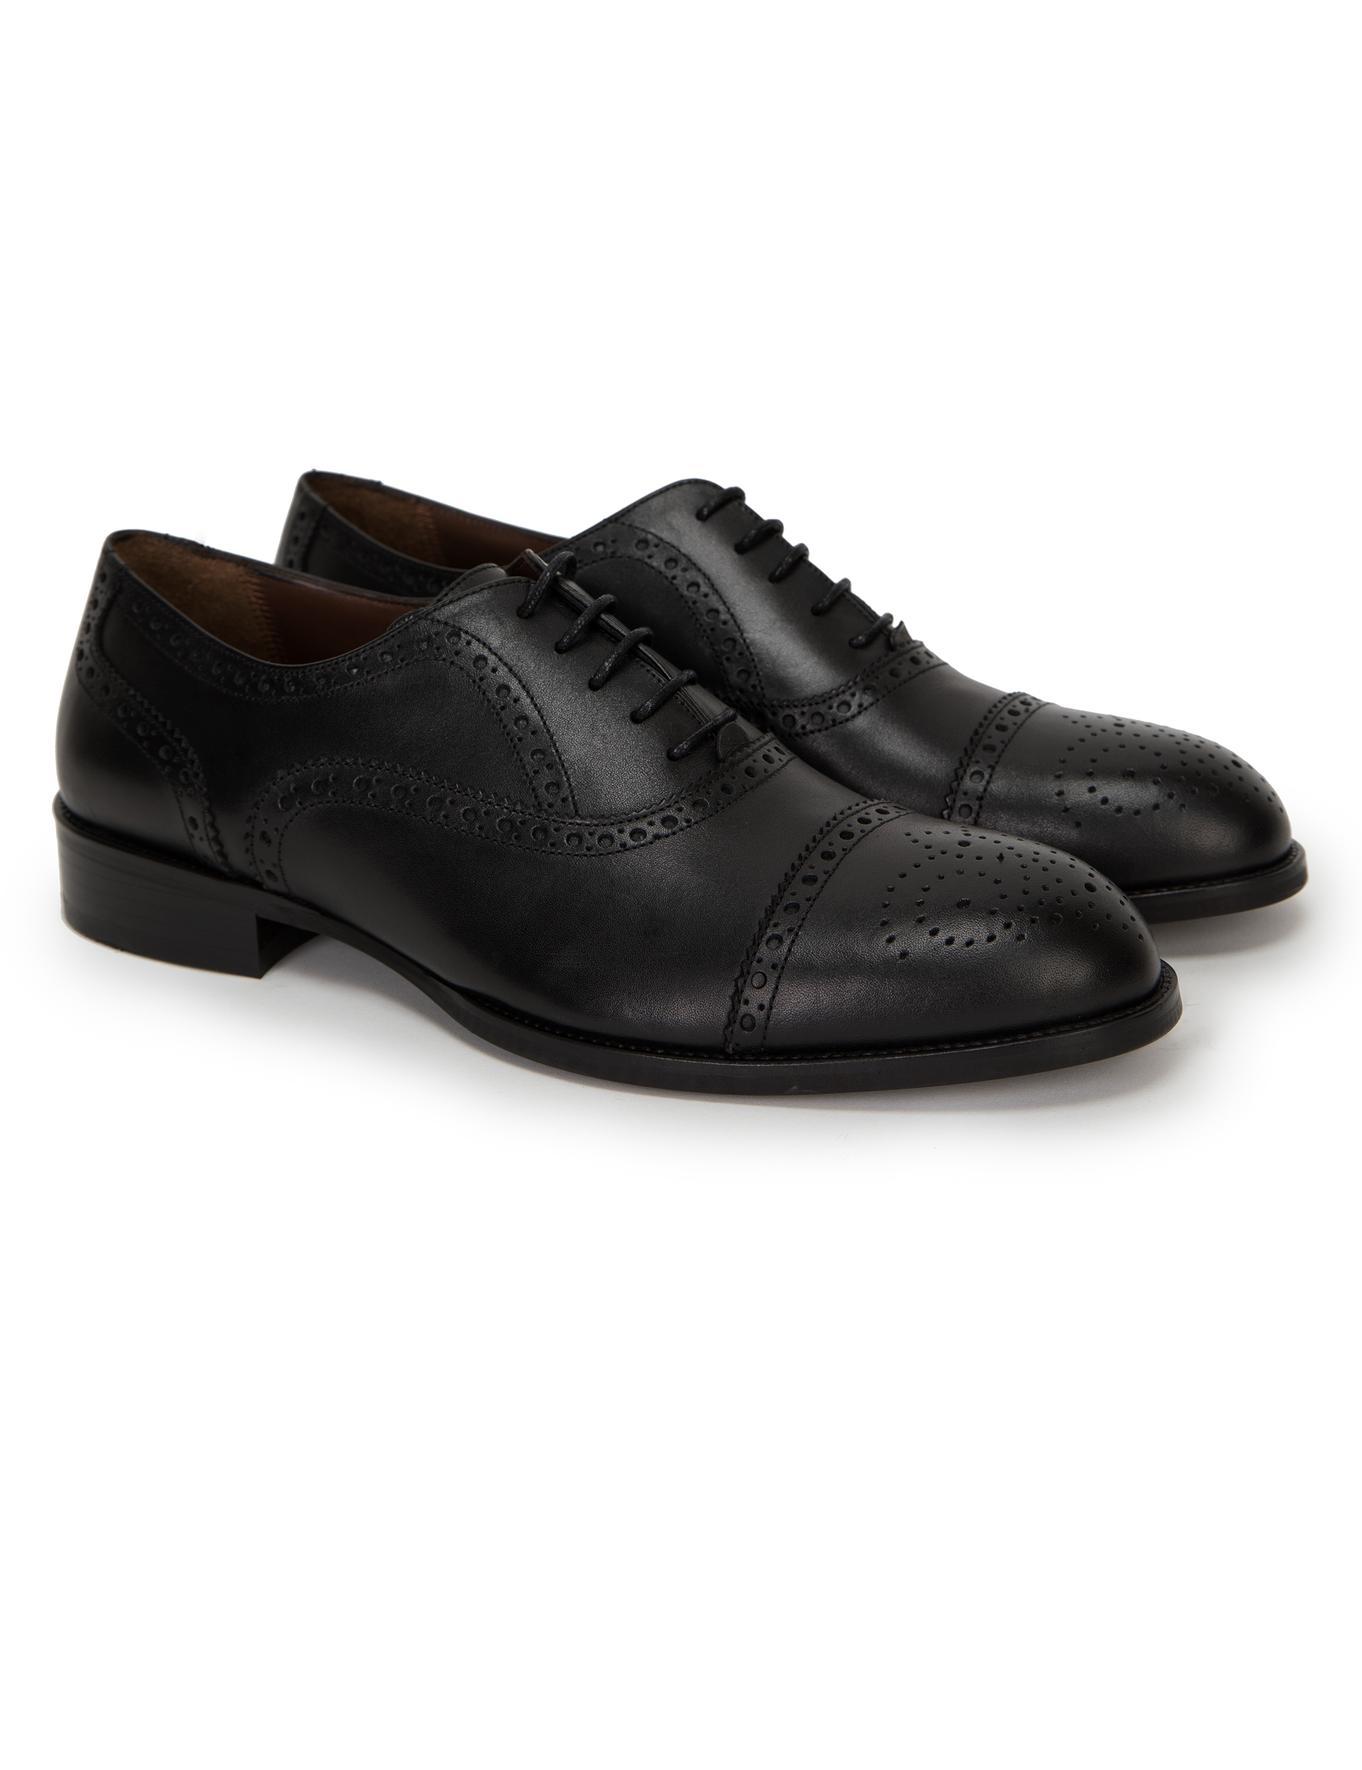 Siyah Ayakkabı - 50235828005